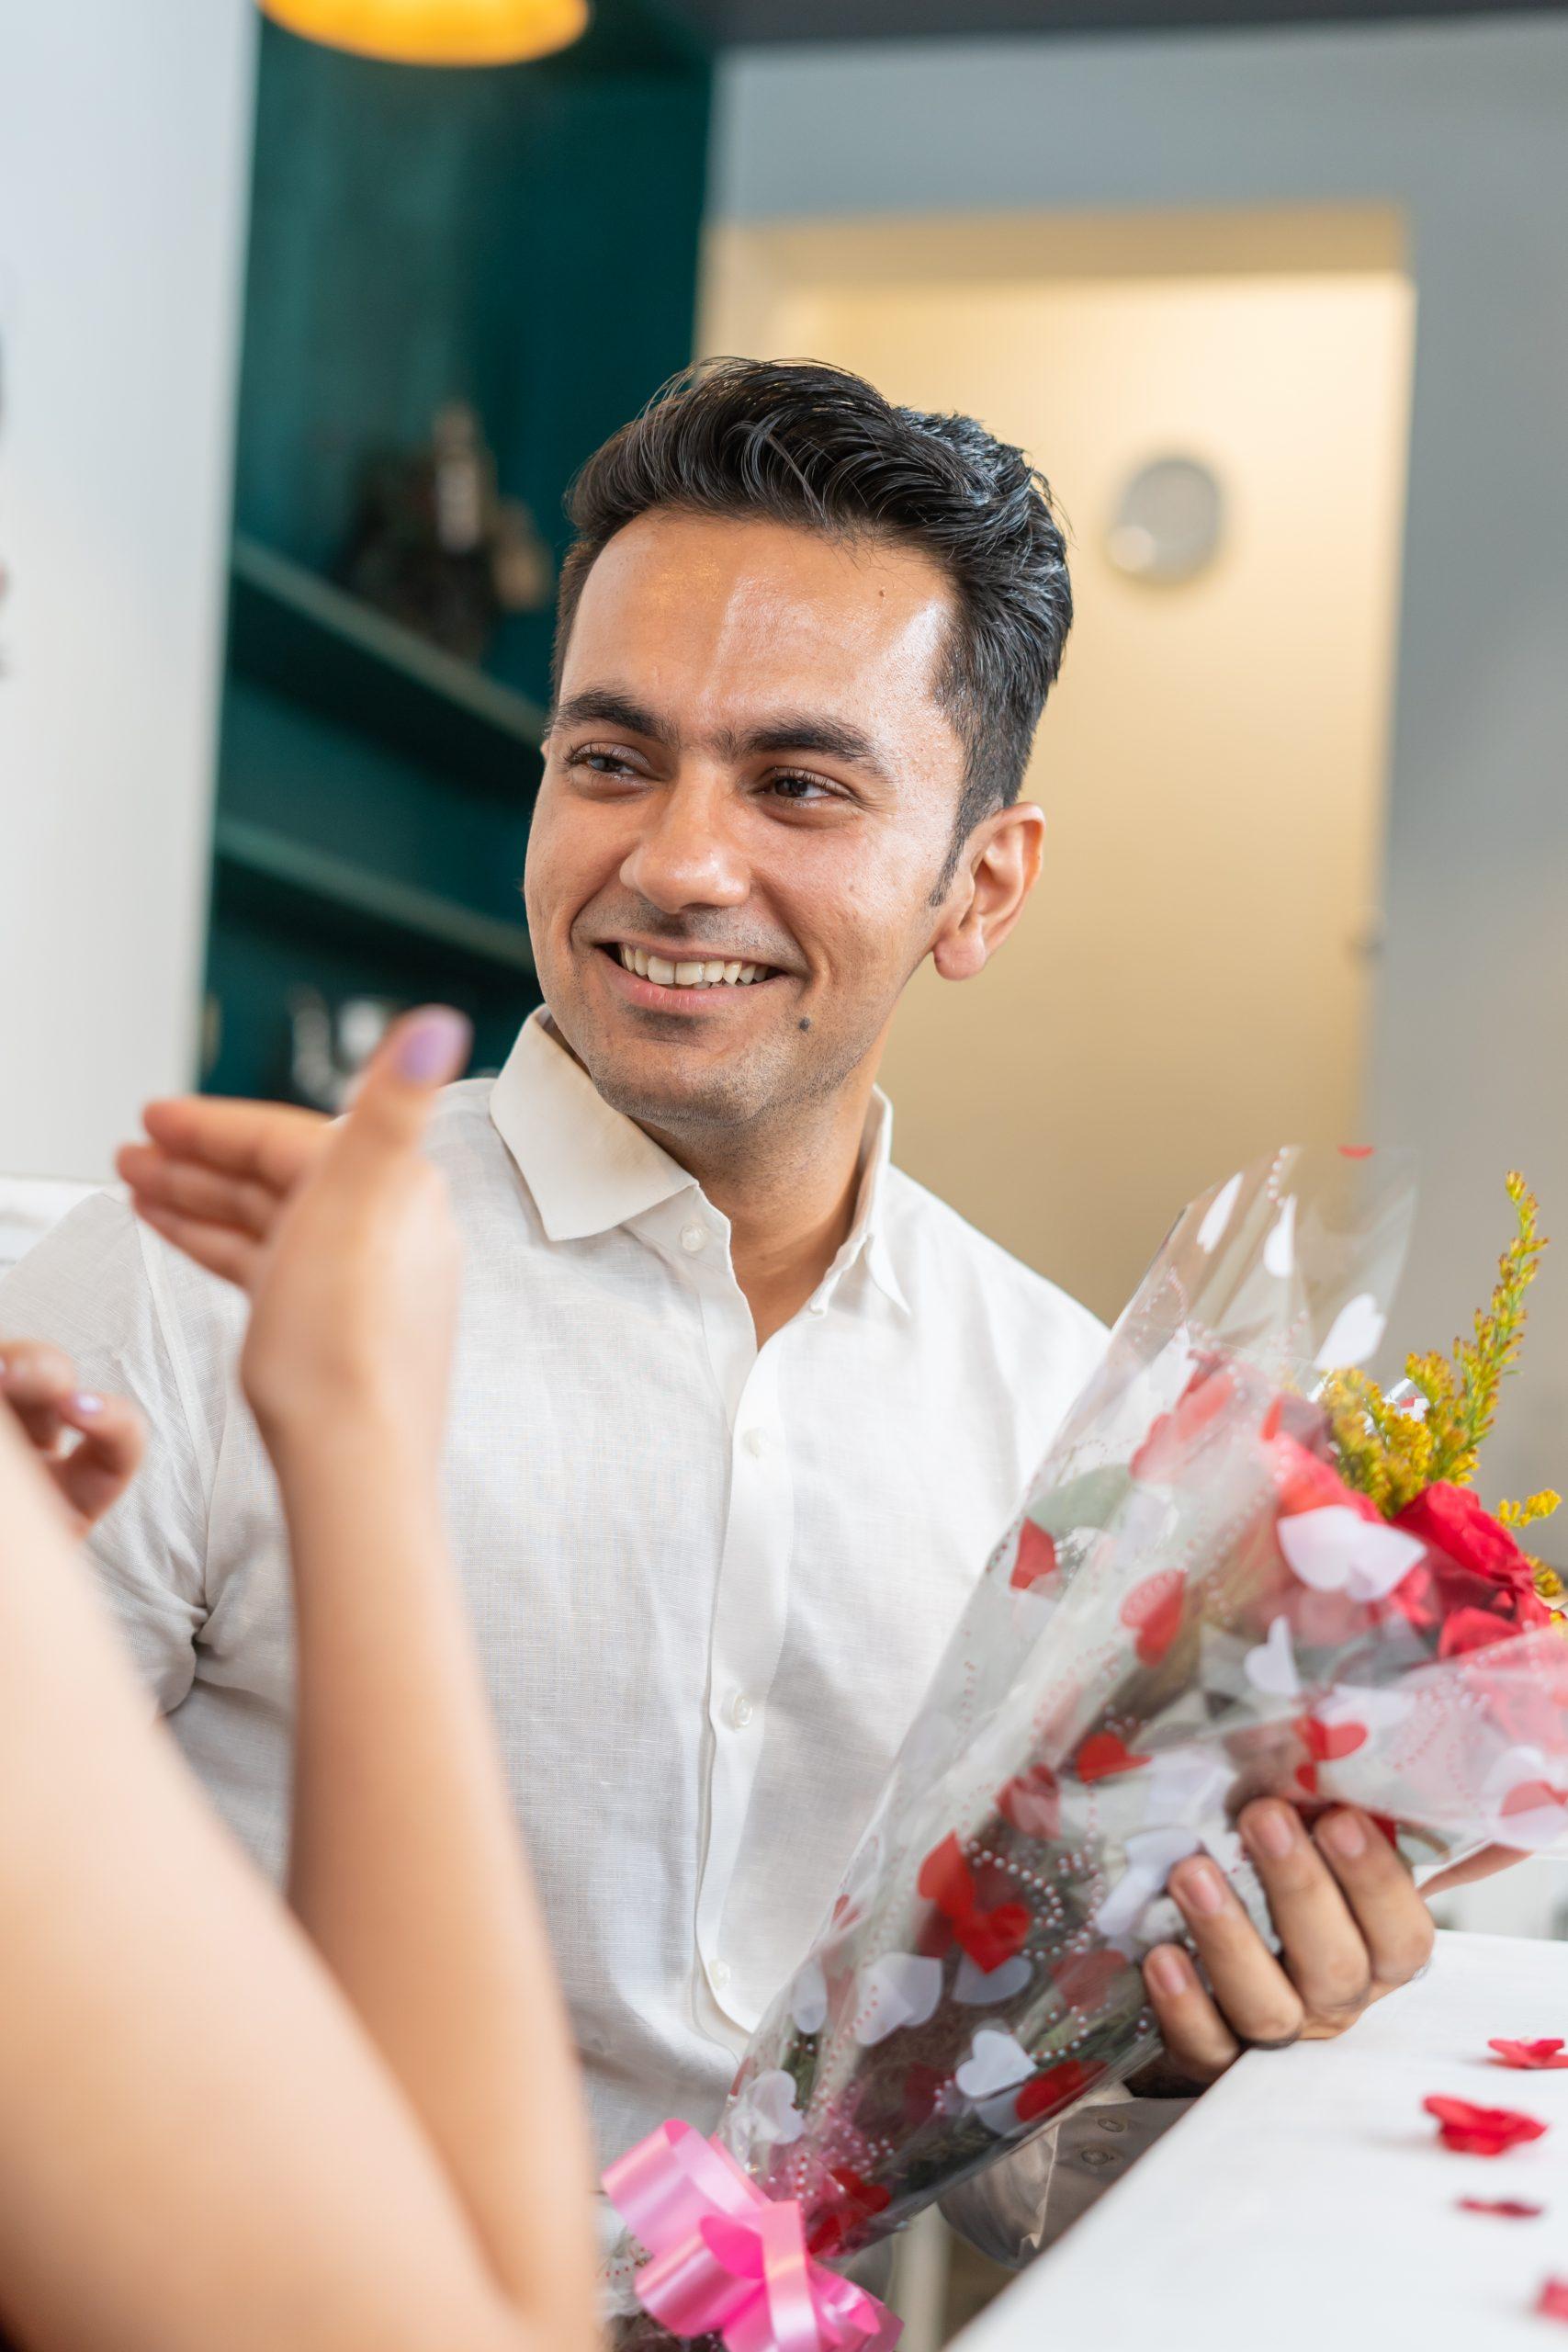 Boyfriend gifting flowers